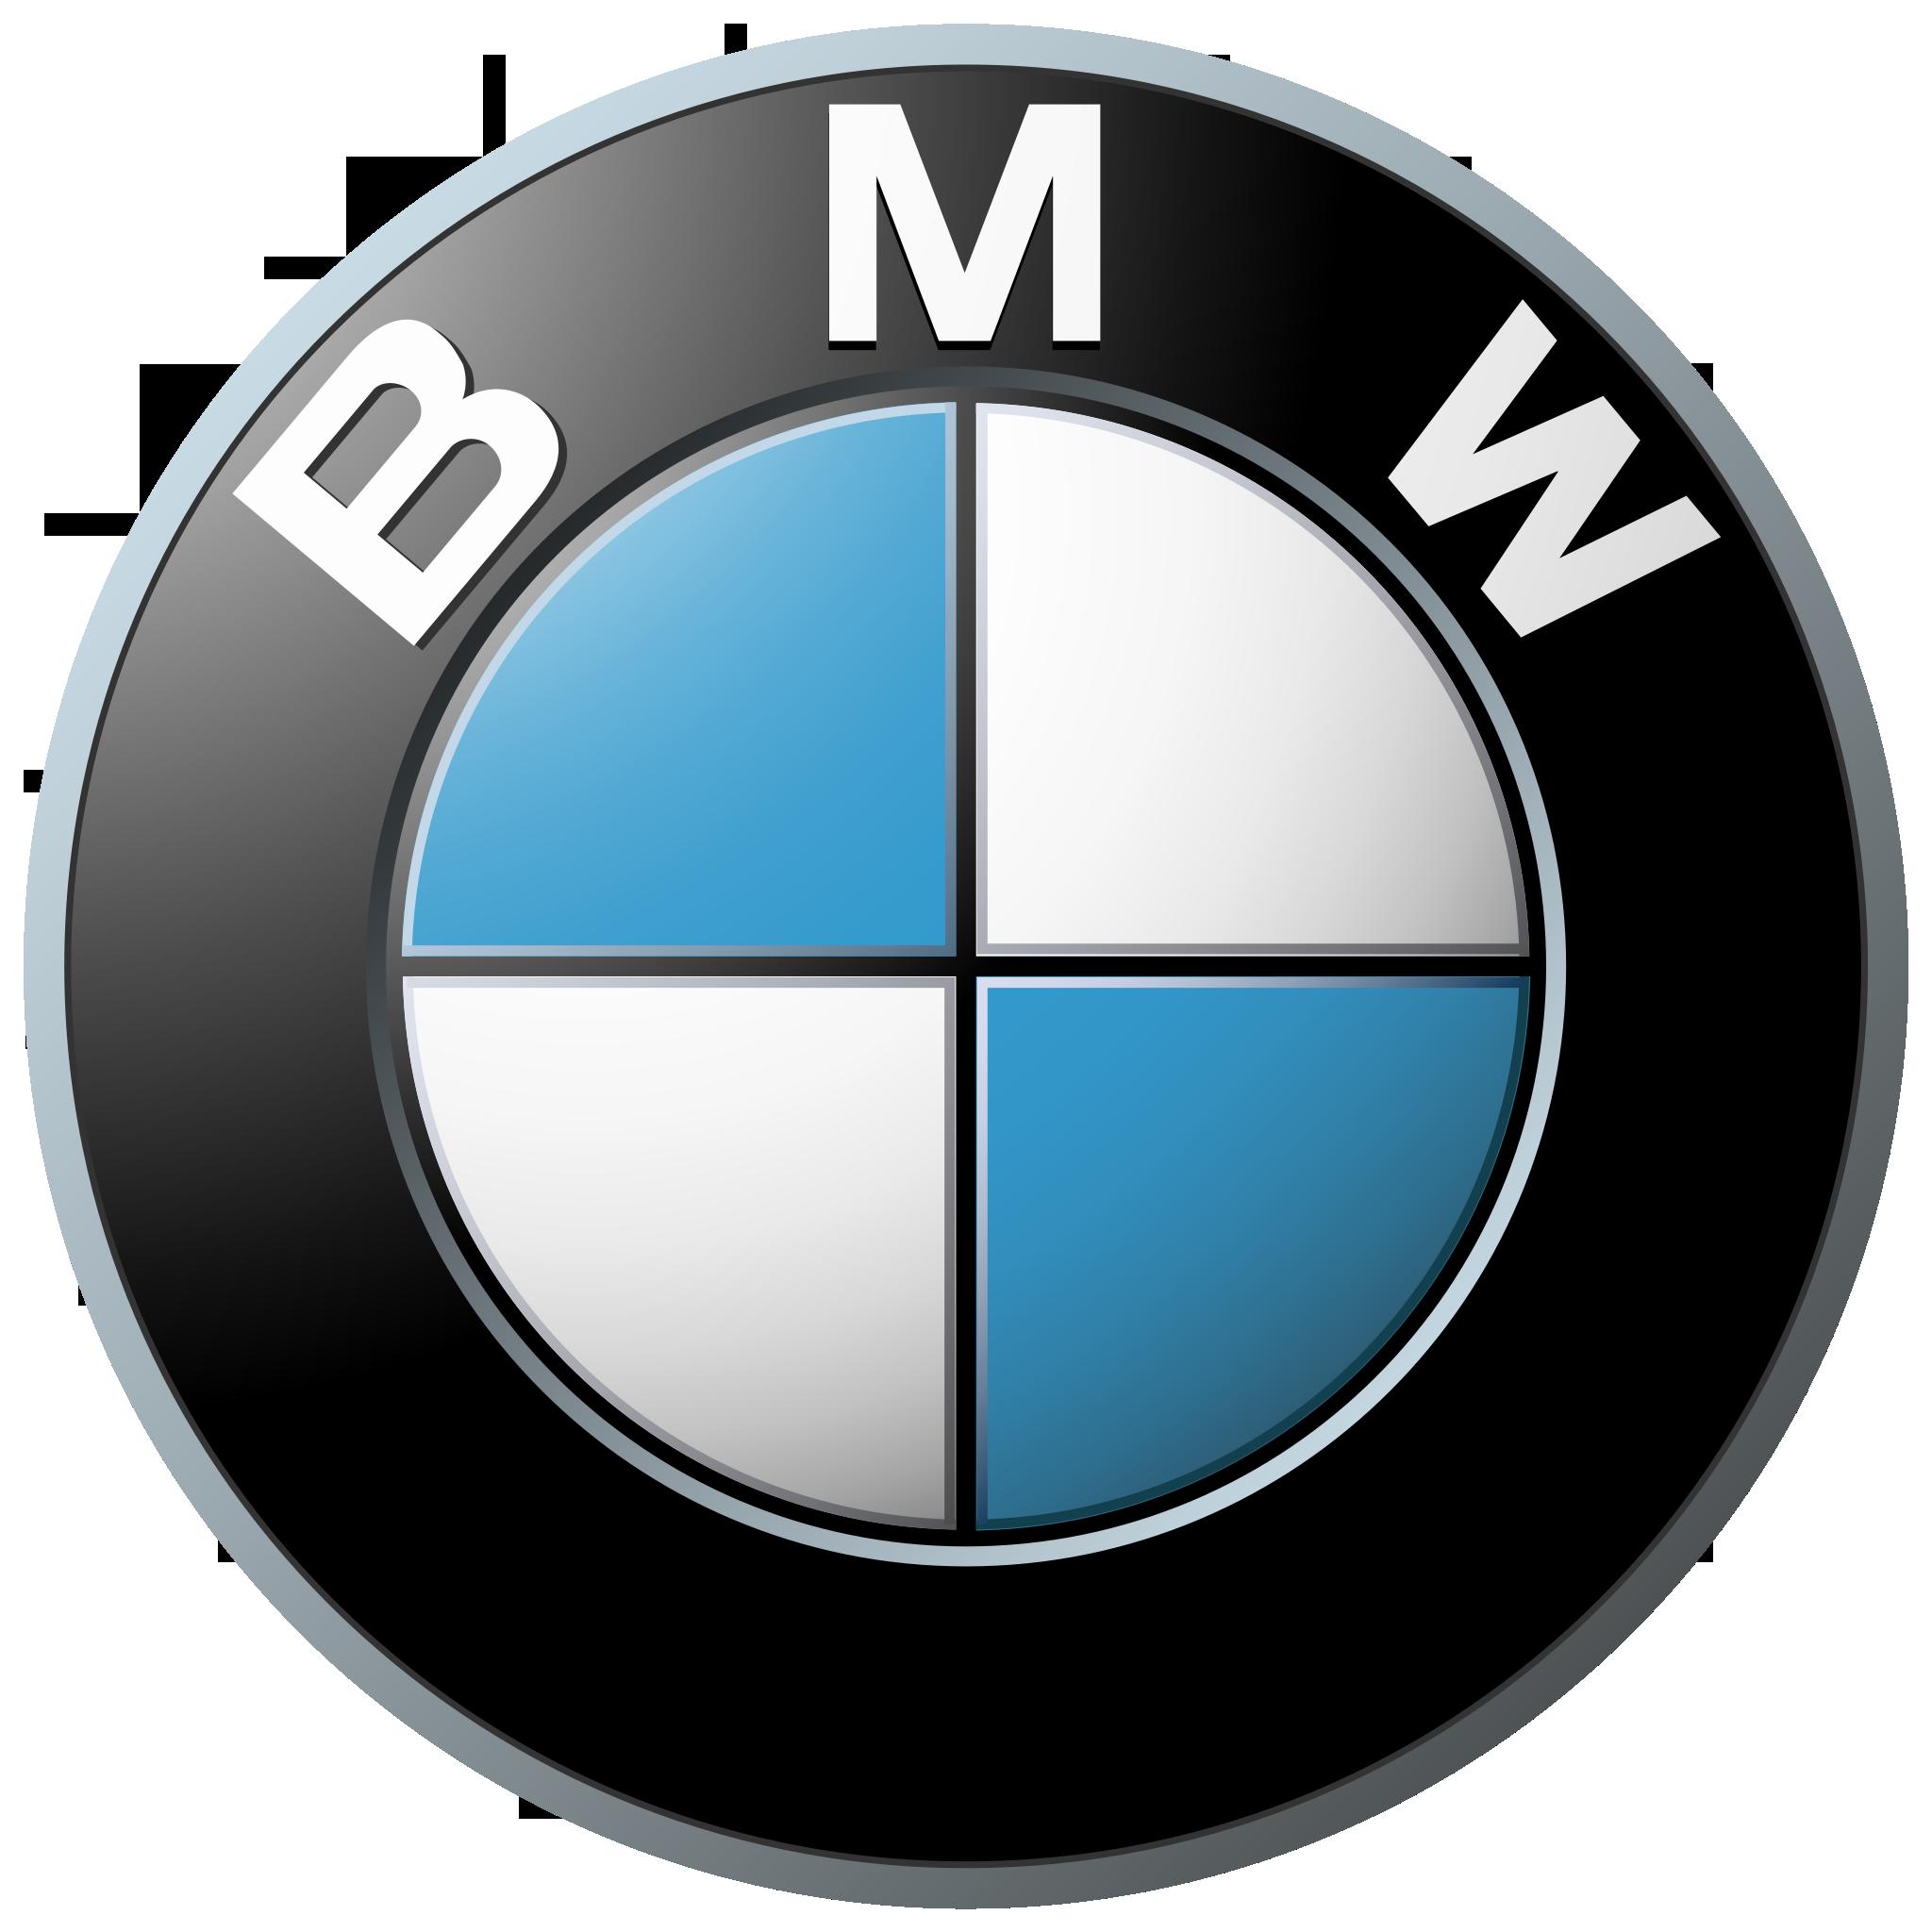 Afbeeldingsresultaat voor bmw png logo